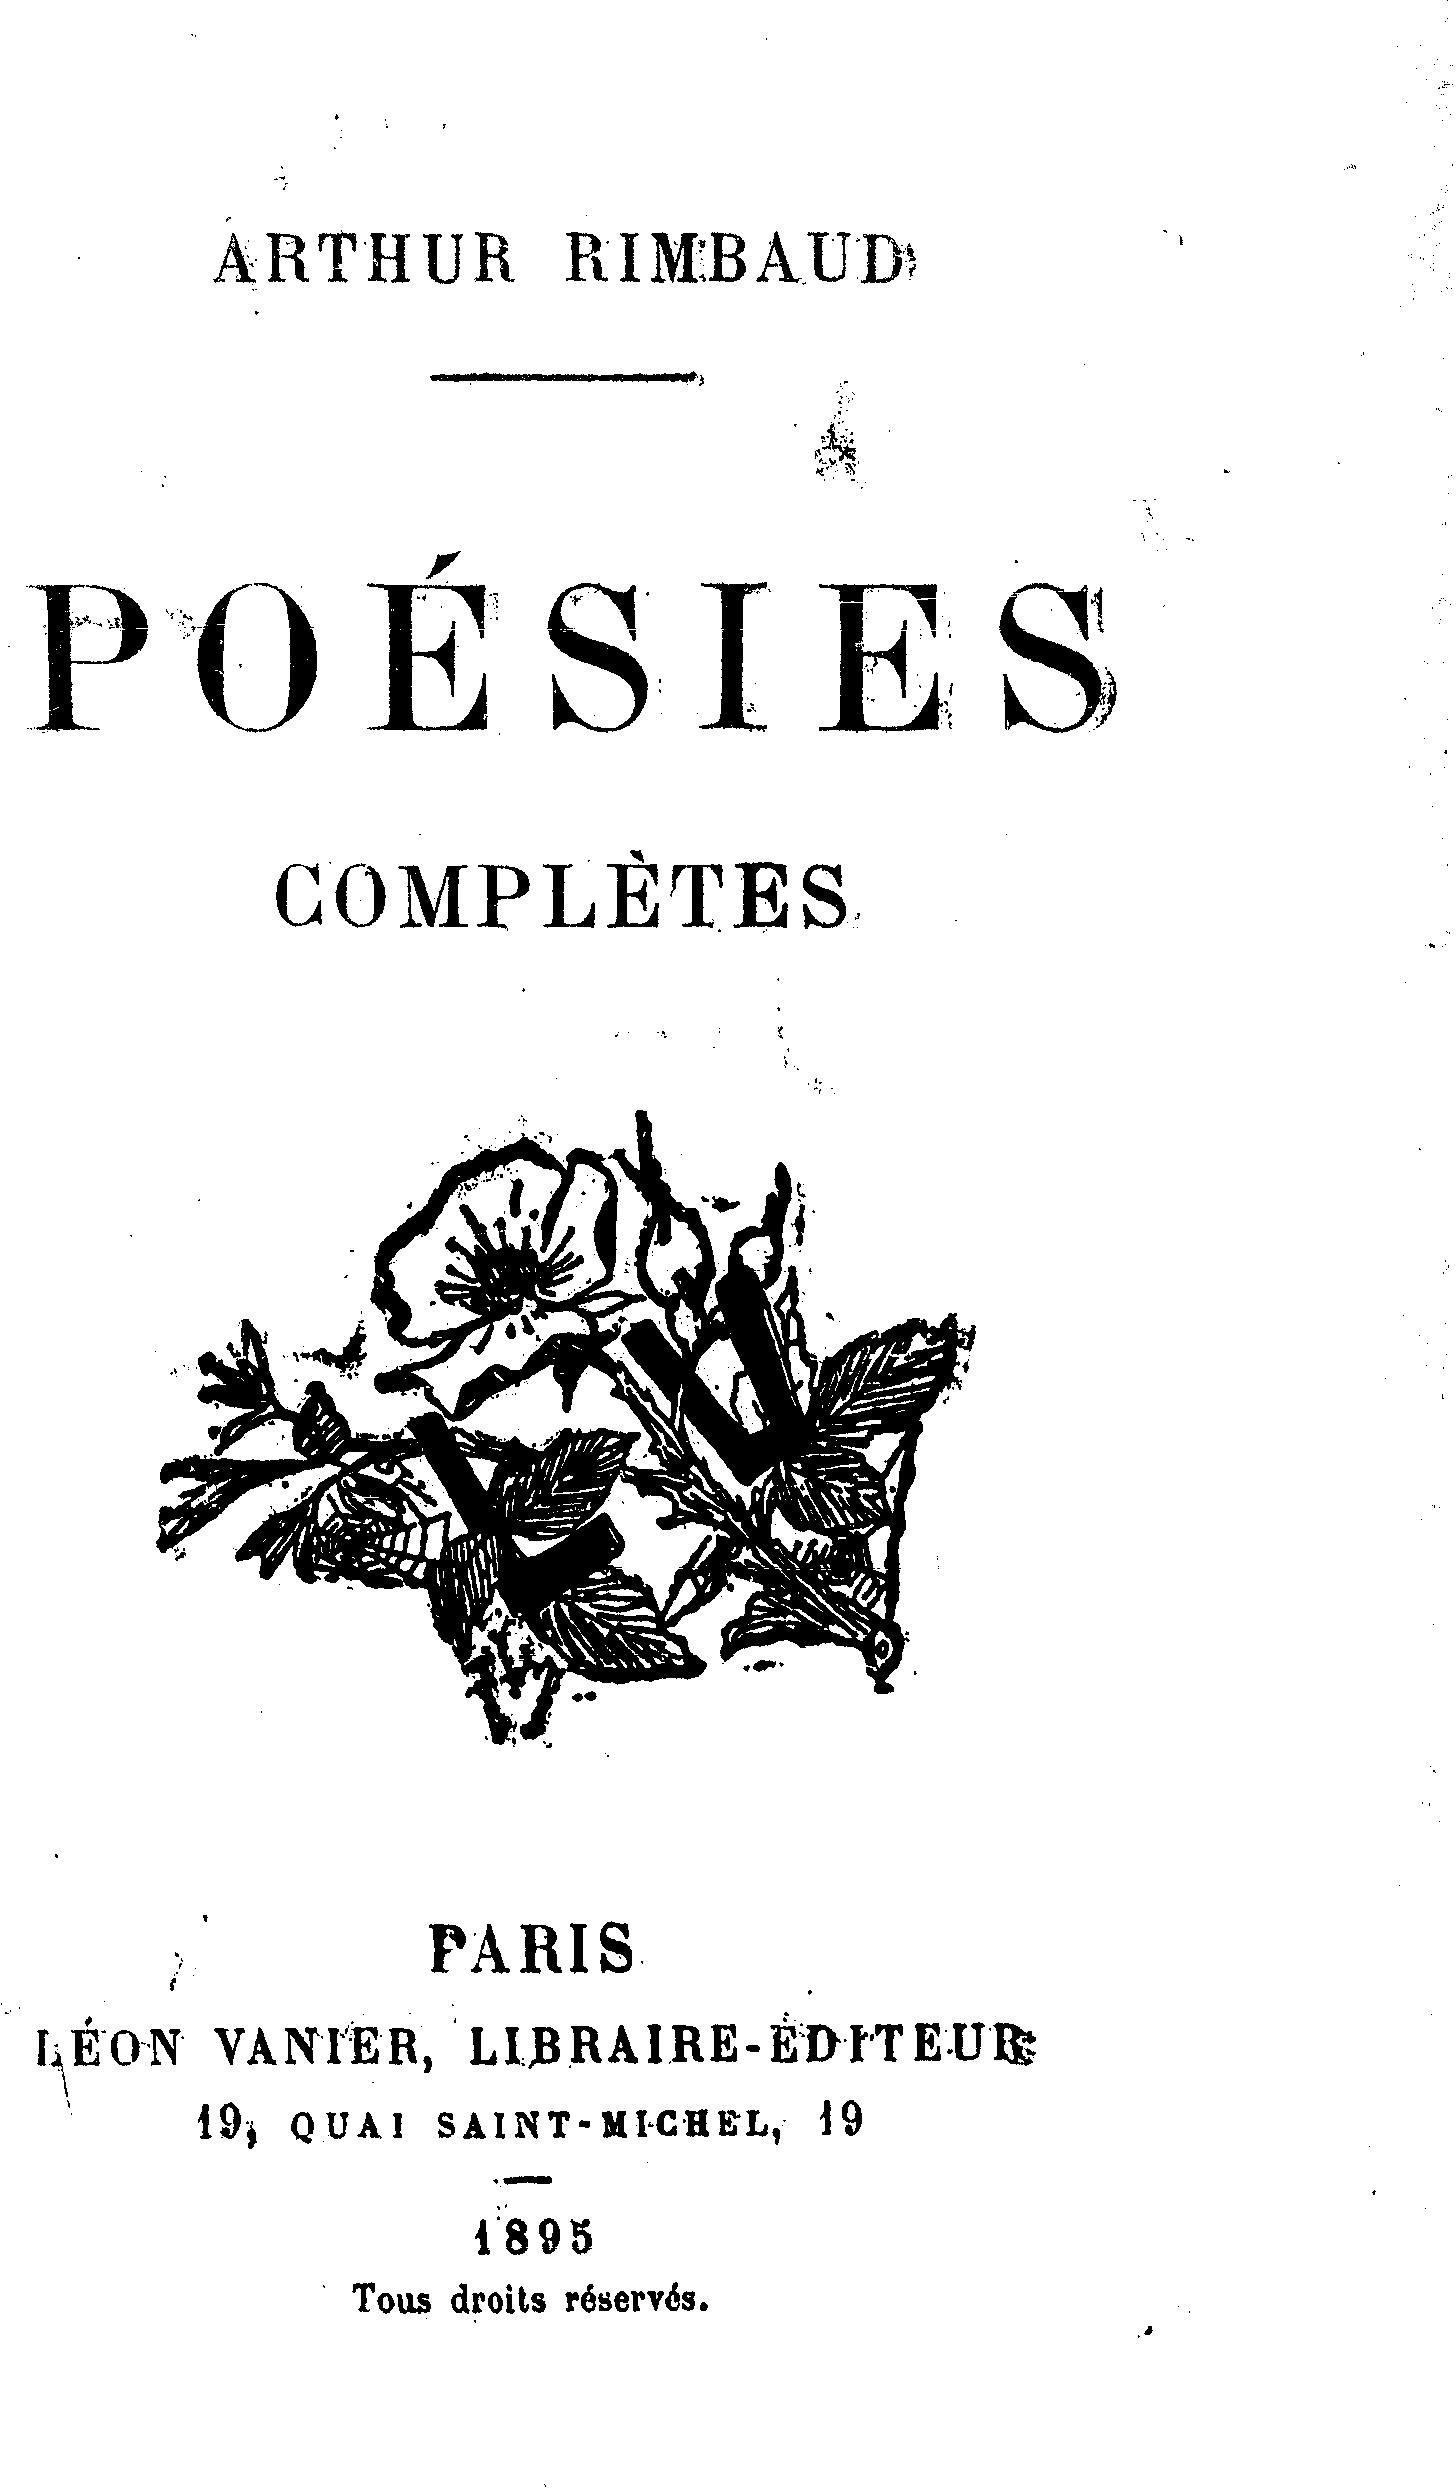 Cubierta de la primera edición de las Poésies complètes de Rimbaud.